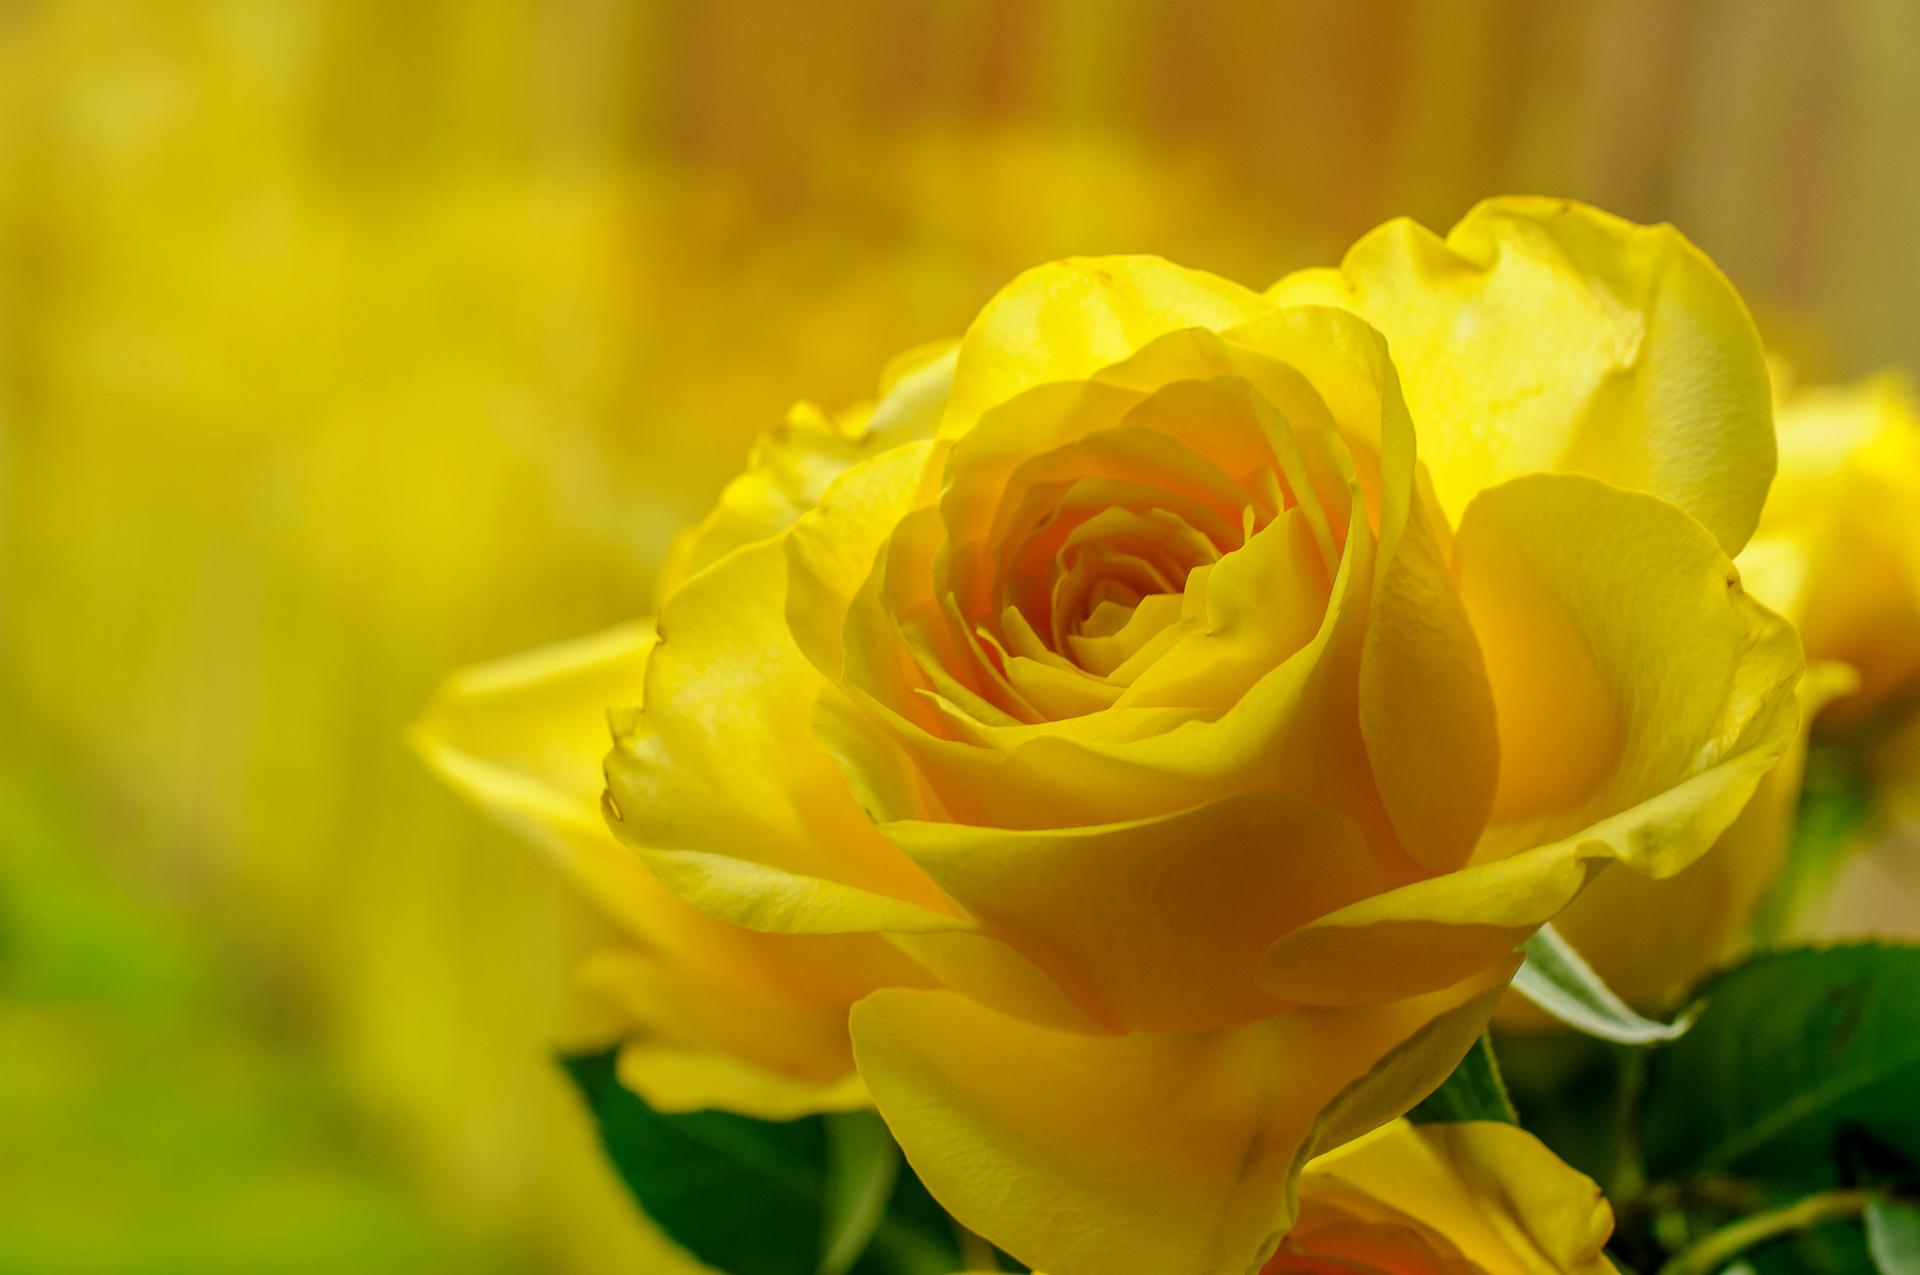 Картинка самой красивой желтой розы